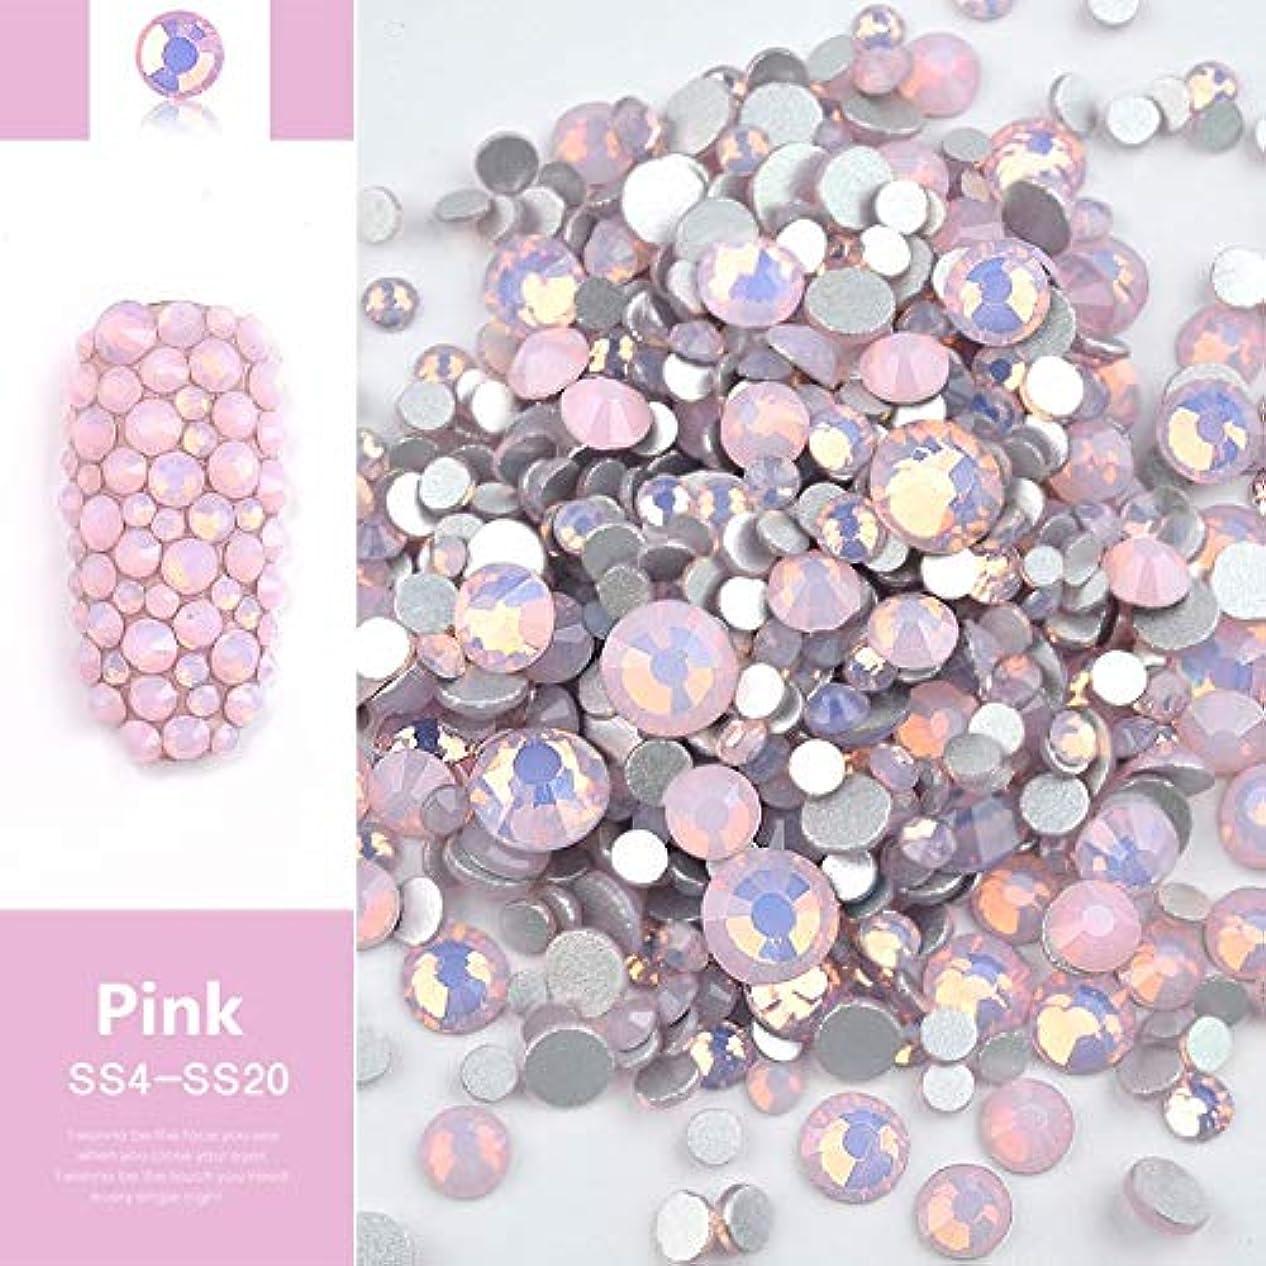 浪費いつもマリンJiaoran ビーズ樹脂クリスタルラウンドネイルアートミックスフラットバックアクリルラインストーンミックスサイズ1.5-4.5 mm装飾用ネイル (Color : Pink)